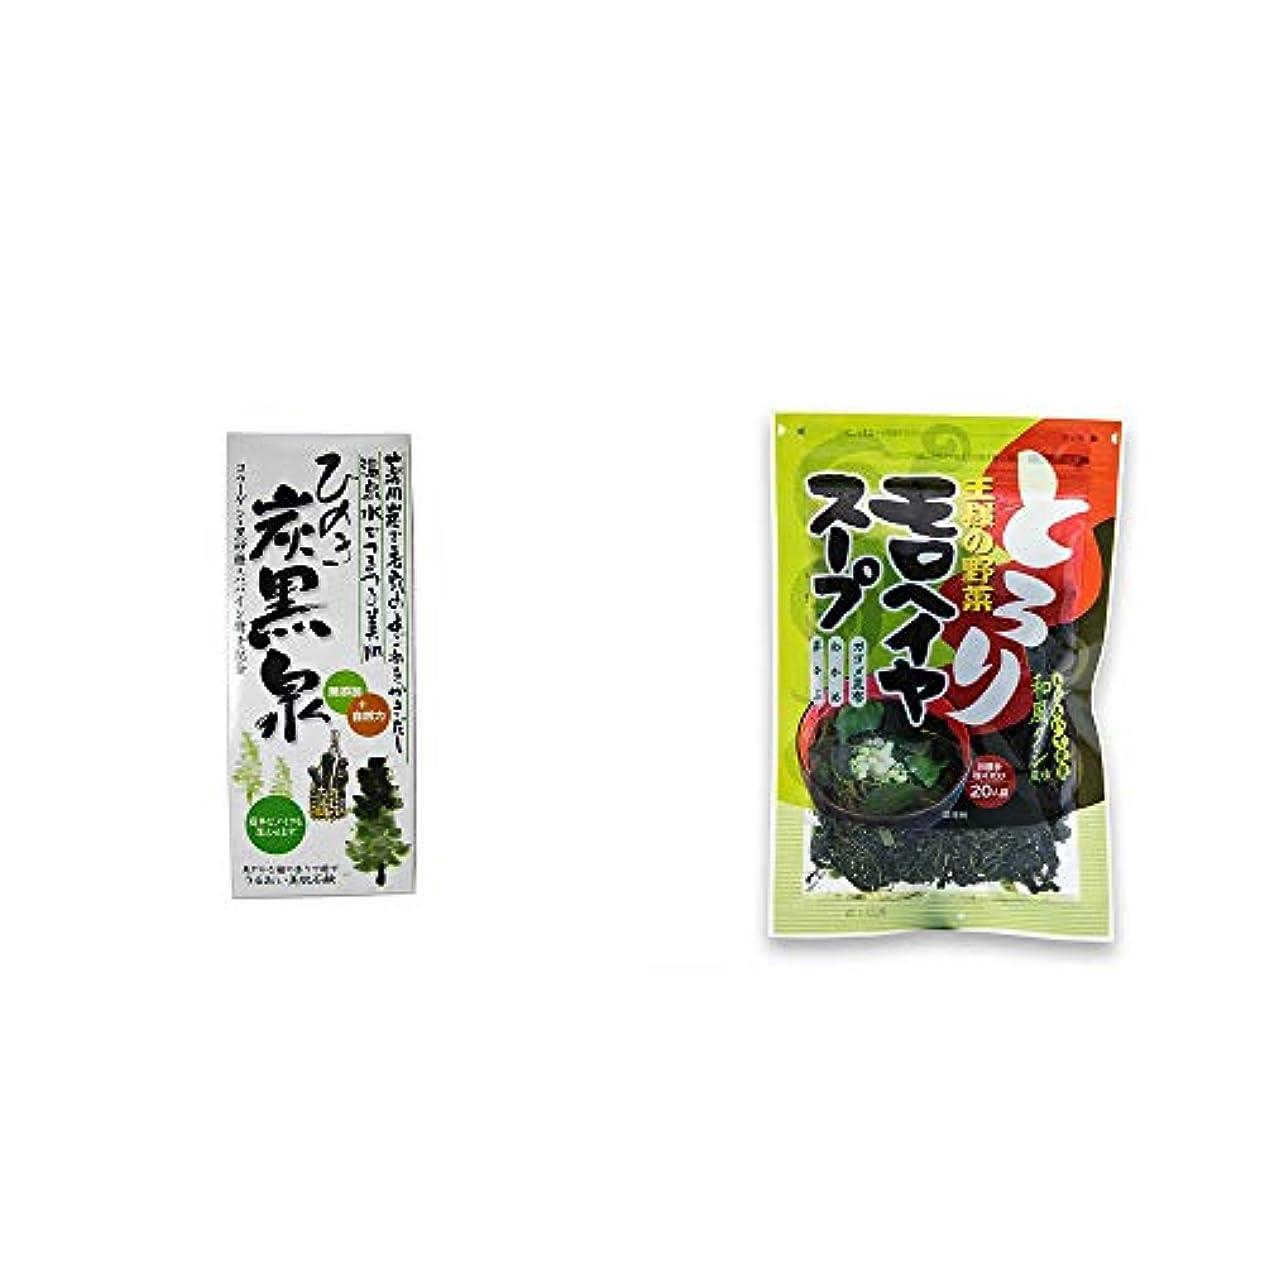 受粉するフィッティング軽食[2点セット] ひのき炭黒泉 箱入り(75g×3)?王様の野菜 モロヘイヤスープ(80g)